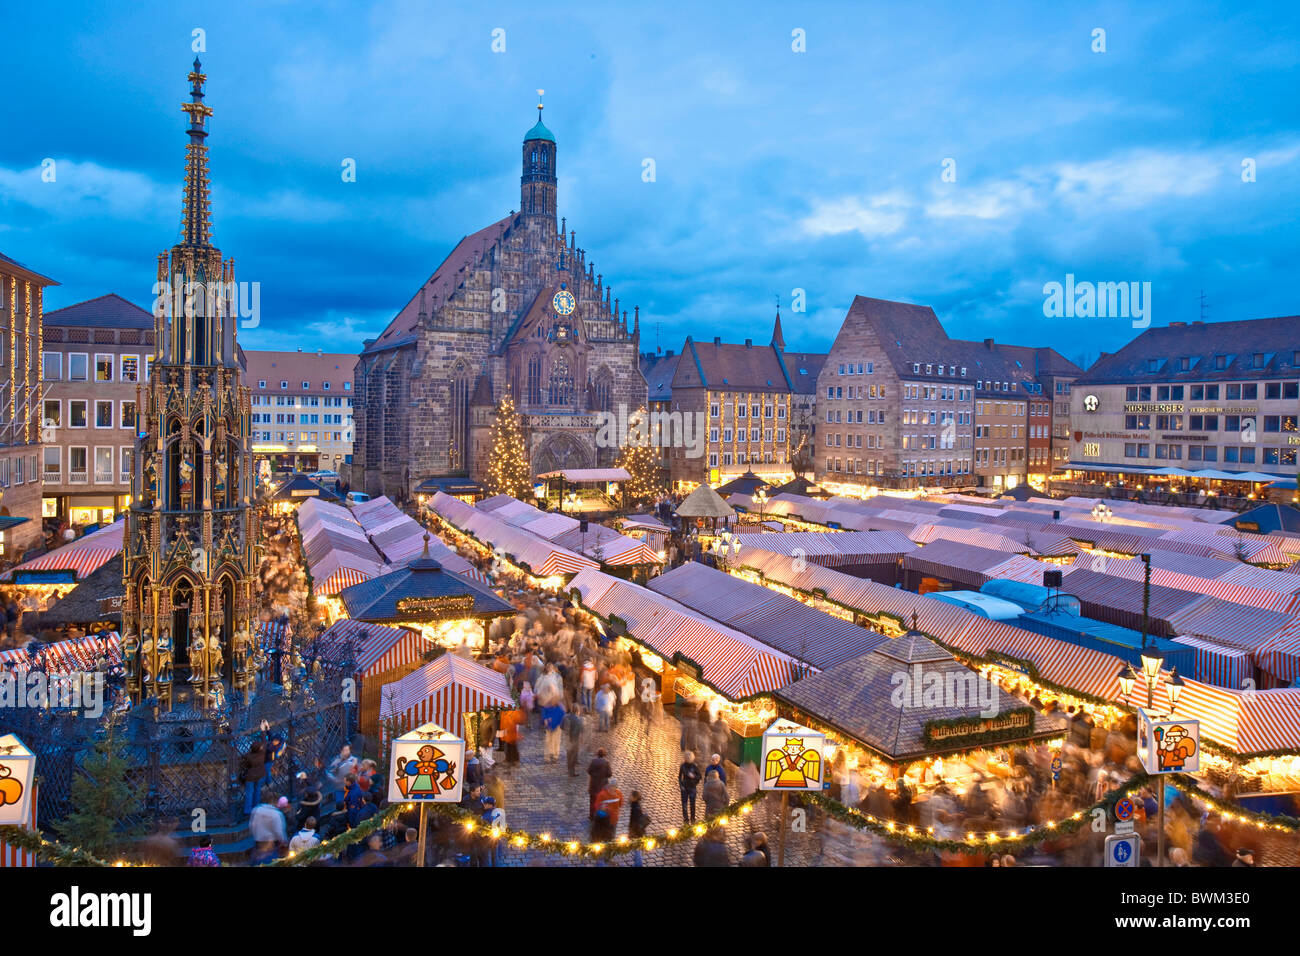 Germany Europe Bavaria Nuremberg Nurnberg Christmas Market Stock ...